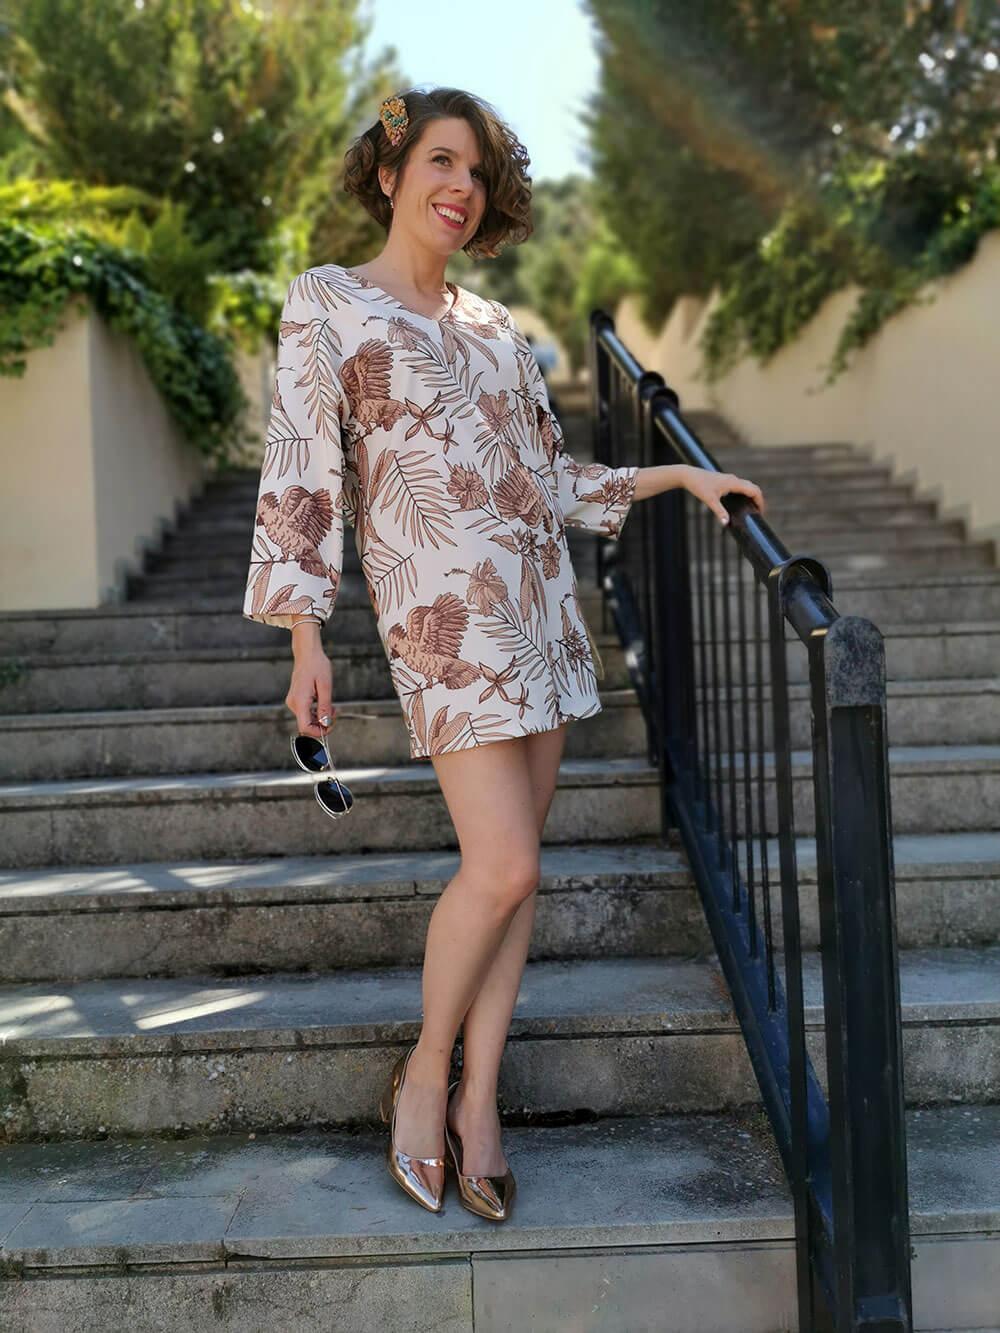 Plano entero y angulación frontal. Vista de una chica que baja por una larga escalinata. Se sujeta a a barandilla negra. Lleva un vestido corto de motivos naturales (ilustración de ramas y animales). Las figuras son de color rosa desaturado, con fondo blanco. LLeva zapatos dorados.